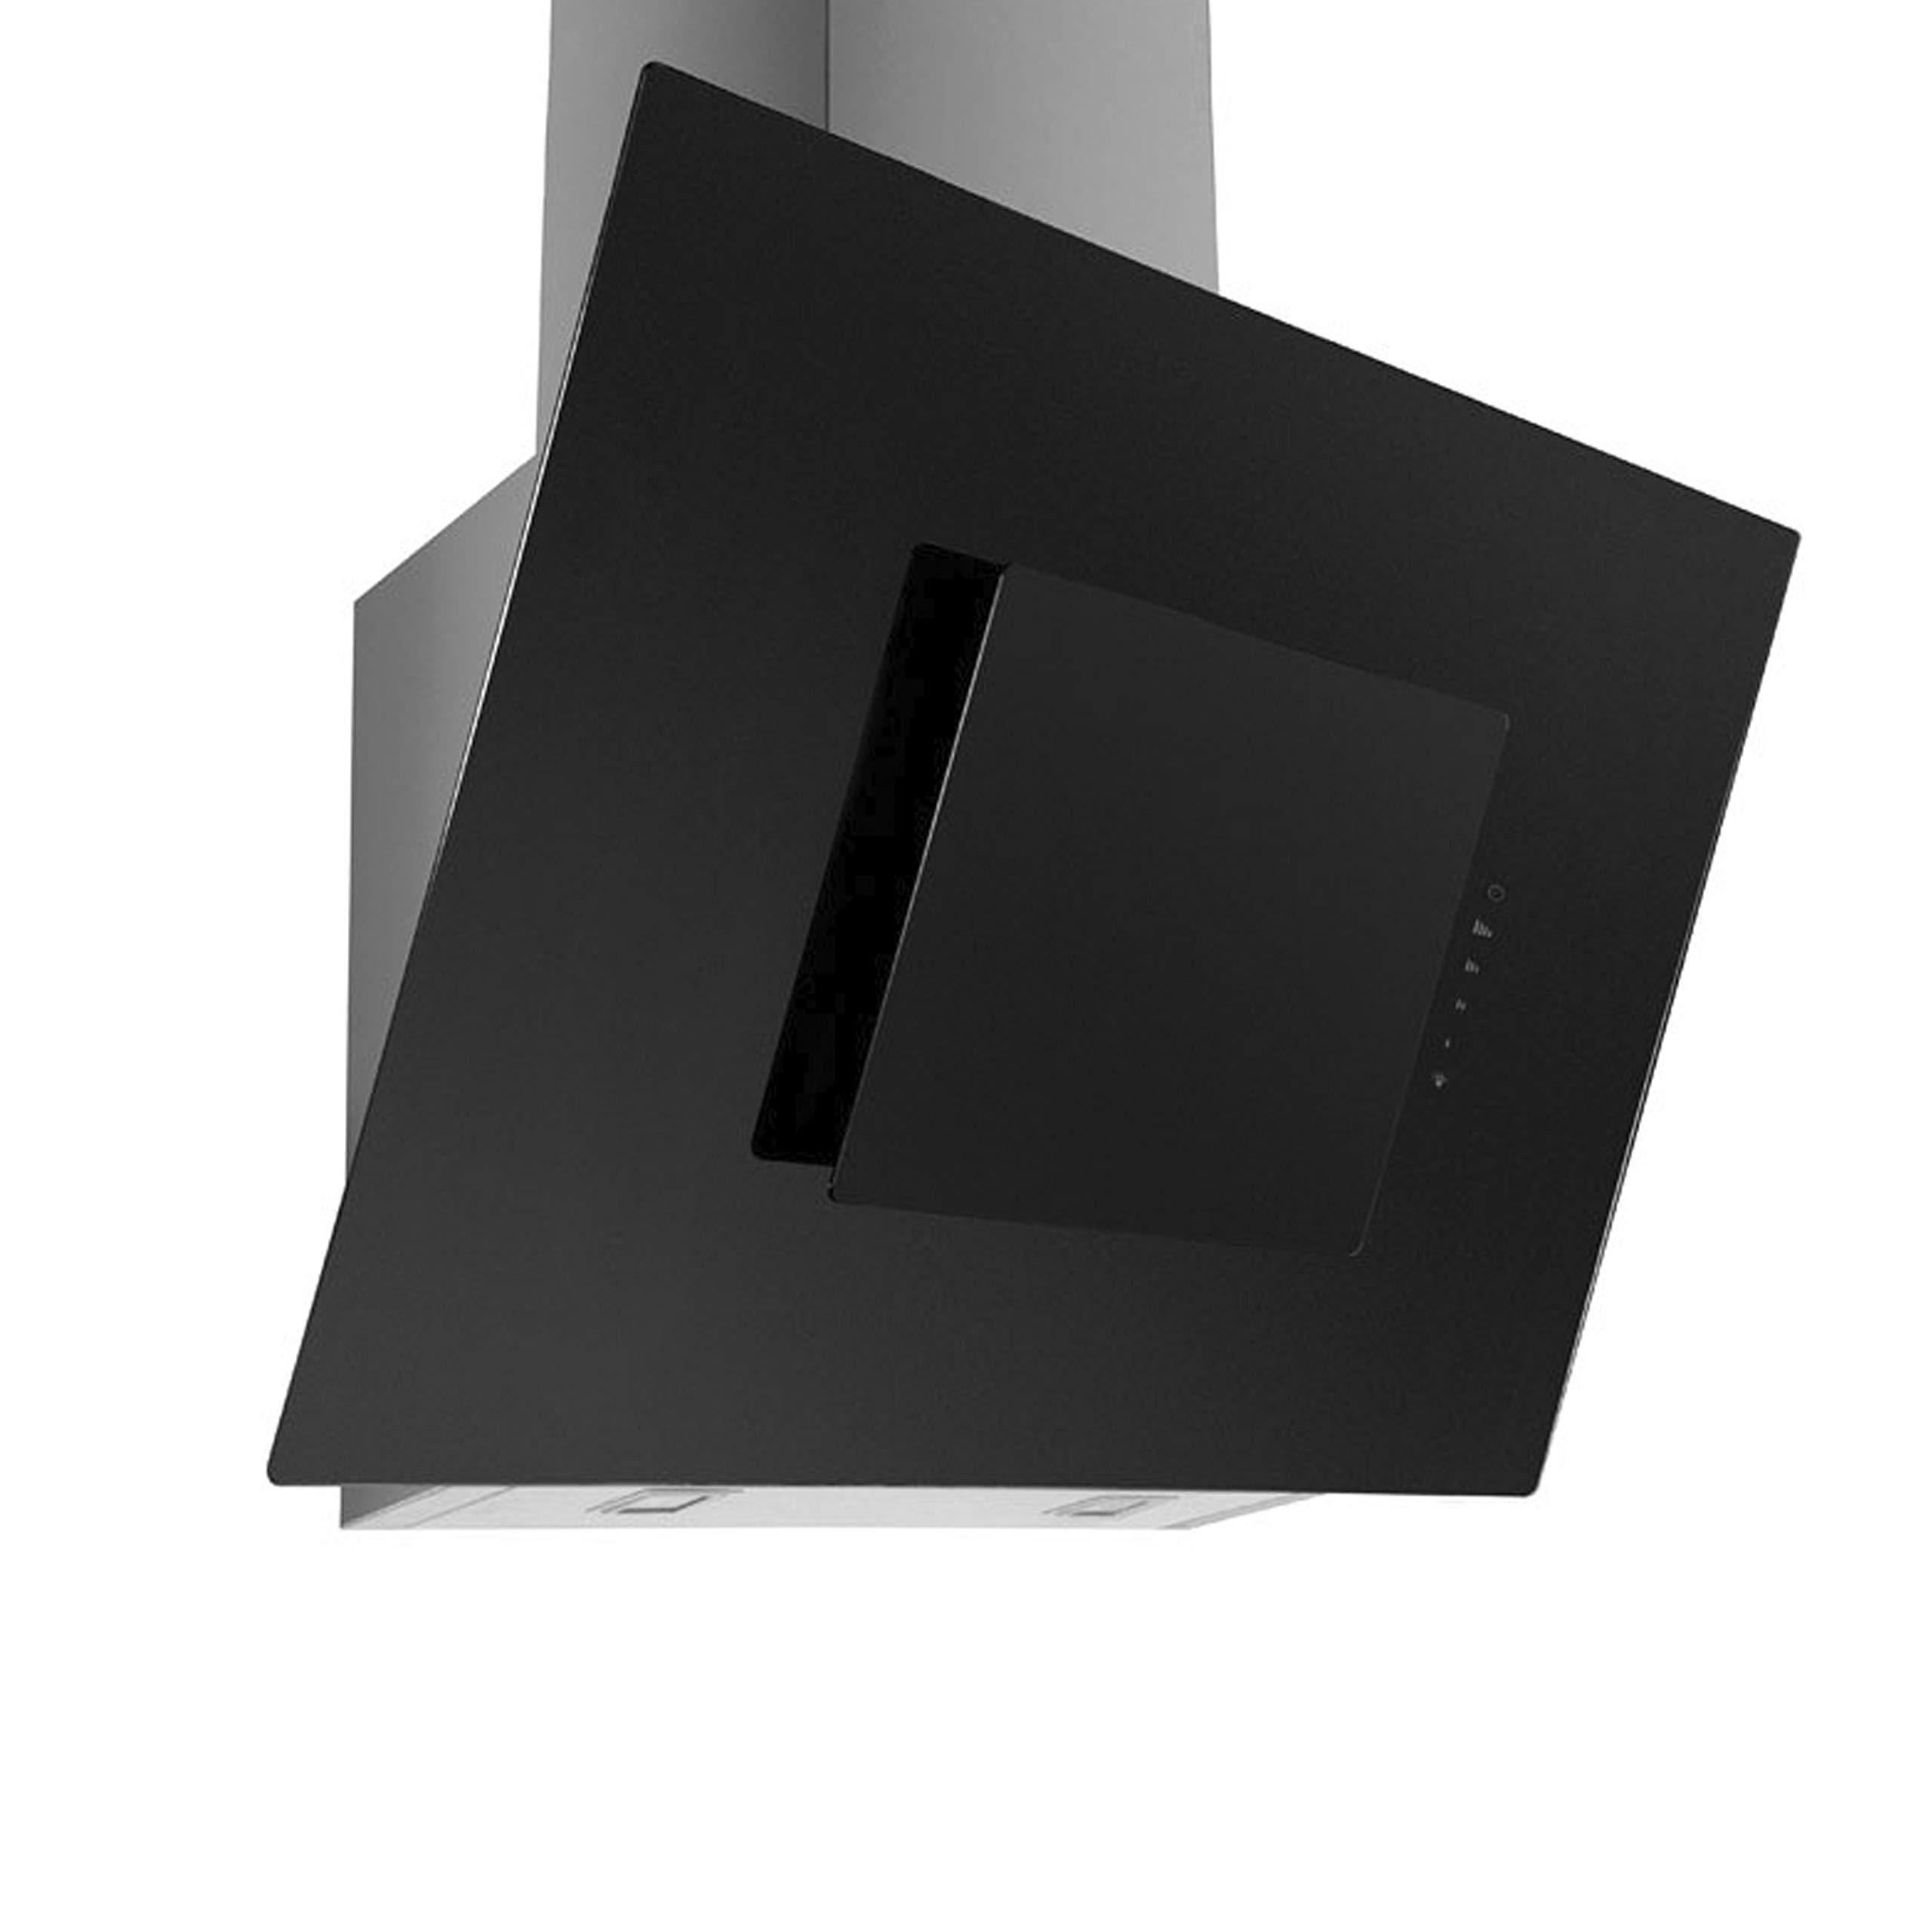 frecan – Campana Pared Odyssey 700 Inox y Negro: Amazon.es: Grandes electrodomésticos